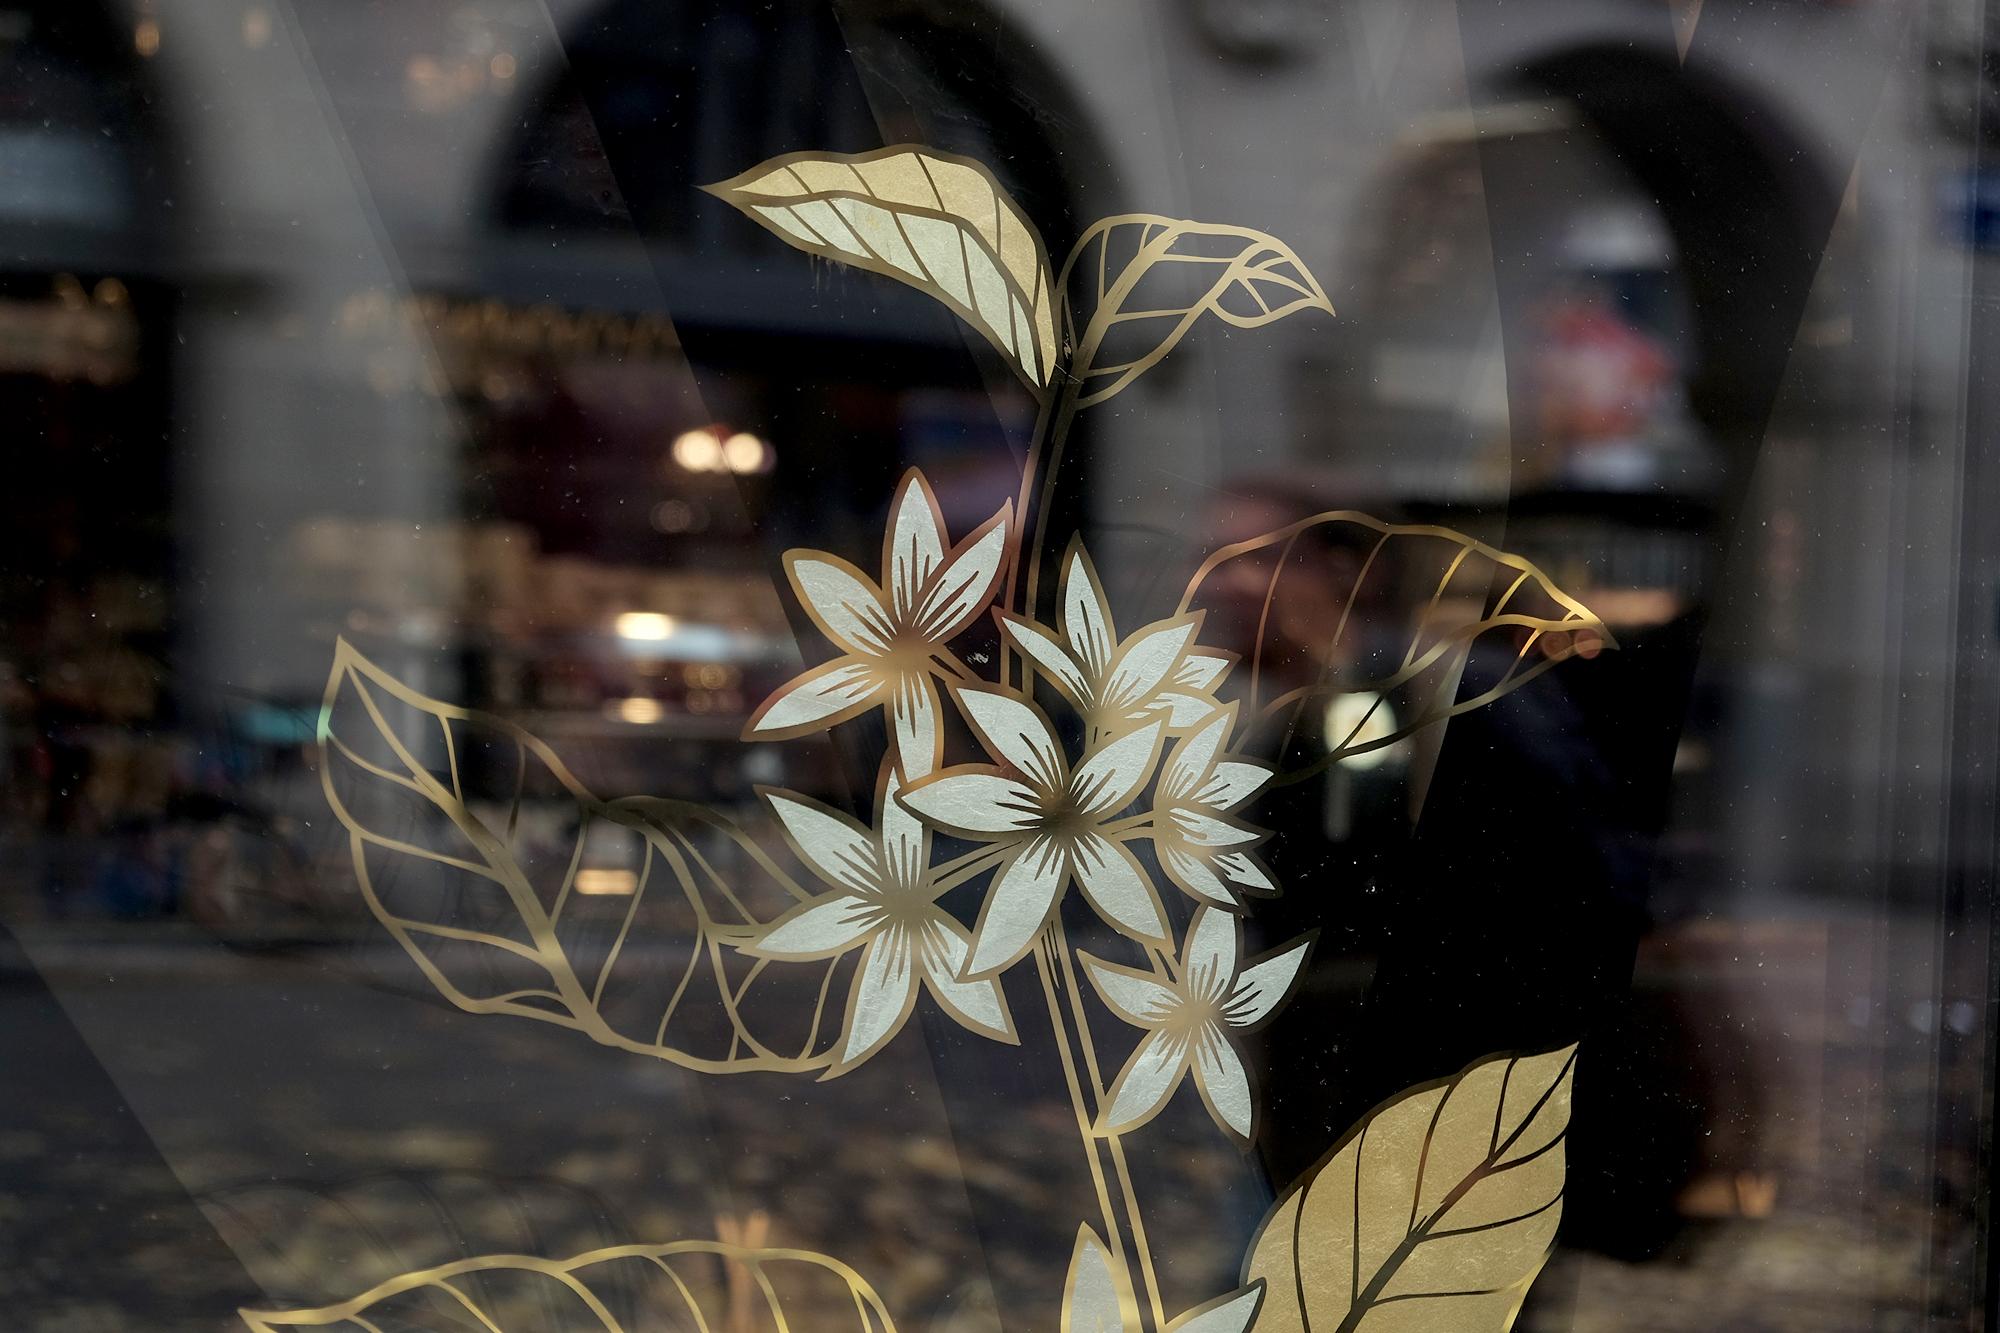 Lavazza, Kafa, Ethiopia, single origin, coffeee, Kaffee, Kaffeepflanze, Aurora Zürich Hinterglasvergoldung, Vergoldung, Blattgold, reverse glass gilding, gold leaf, 23k, Beschriftung, Schaufensterbeschriftung, von hand, hand gemalt, Schriftenmaler, Tafelmaler, Schildermaler, traditionelle Schriftenmalerei, Zürich